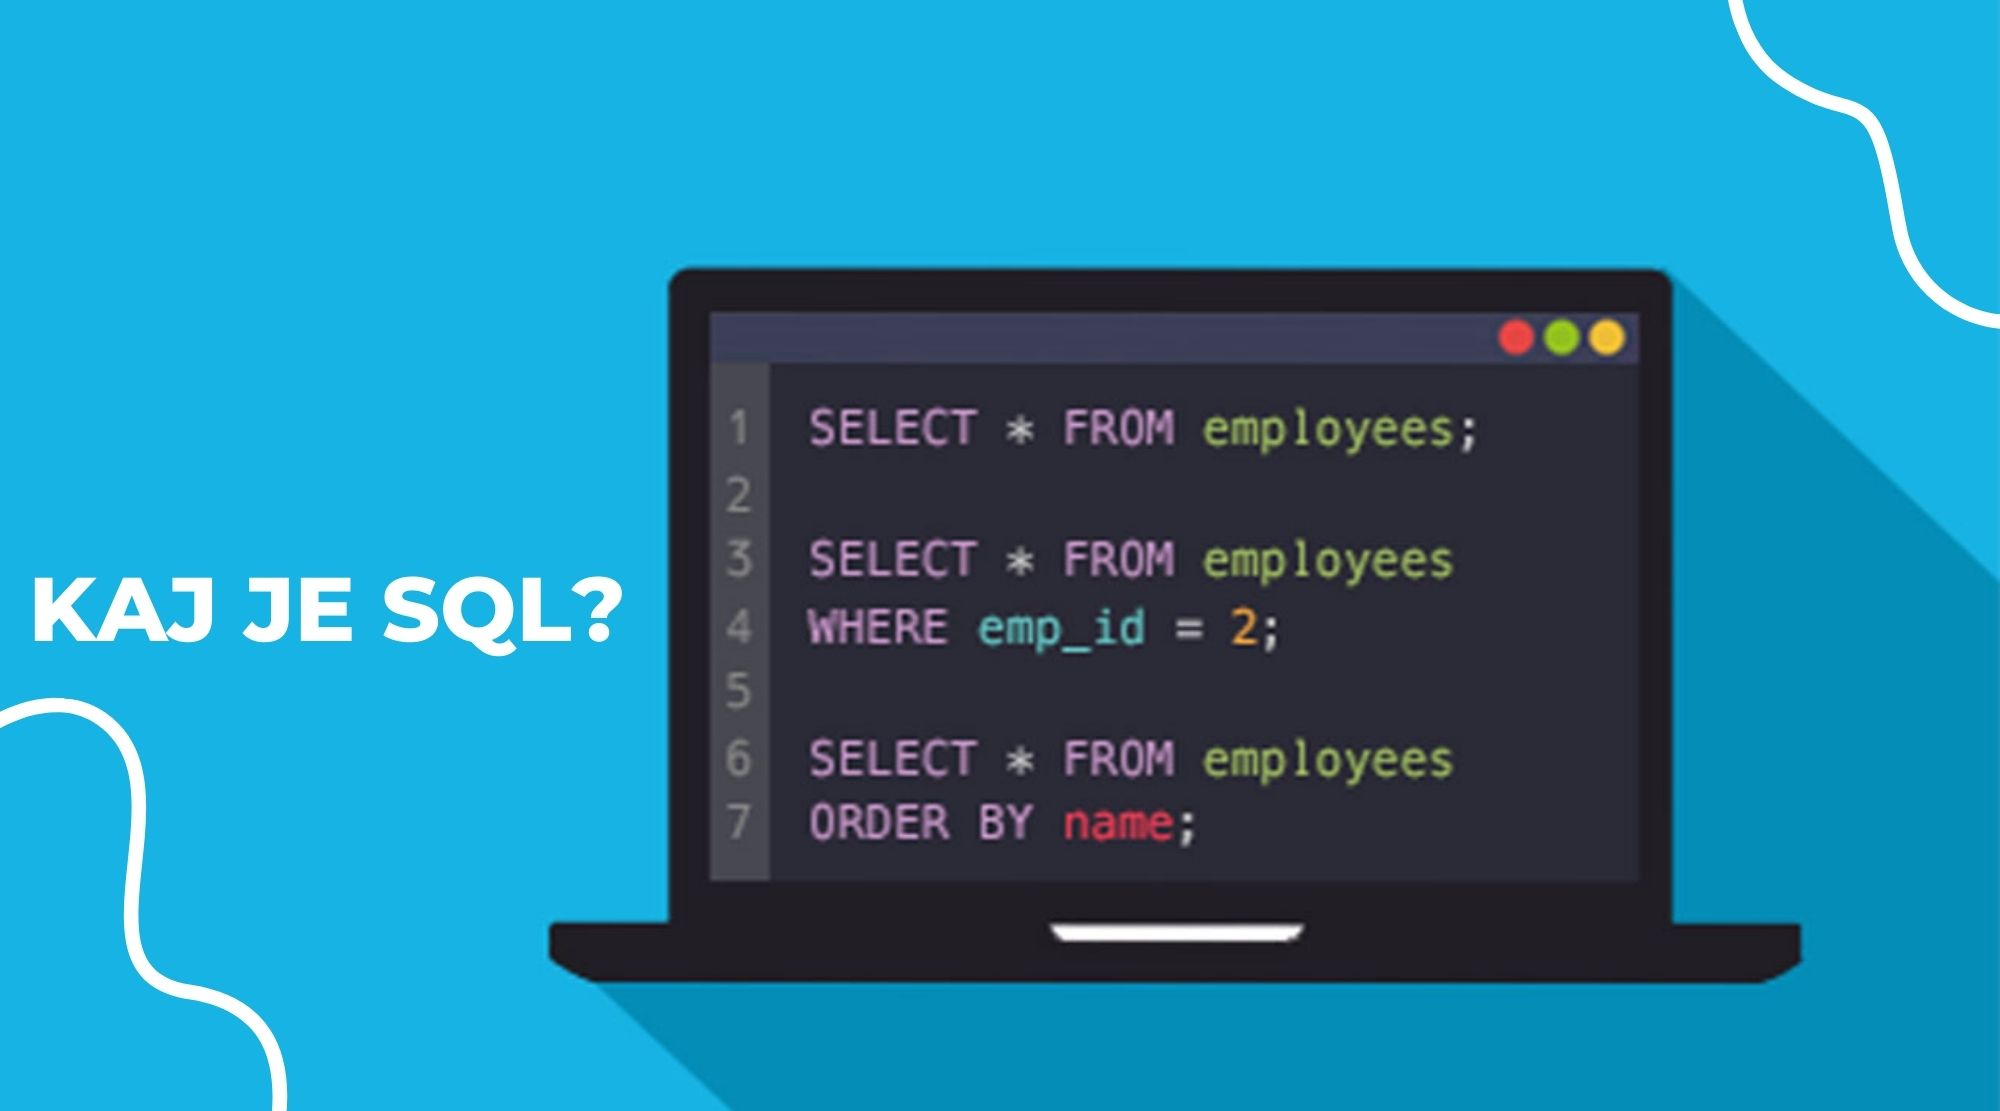 Kaj je SQL in kje ga lahko uporabimo?